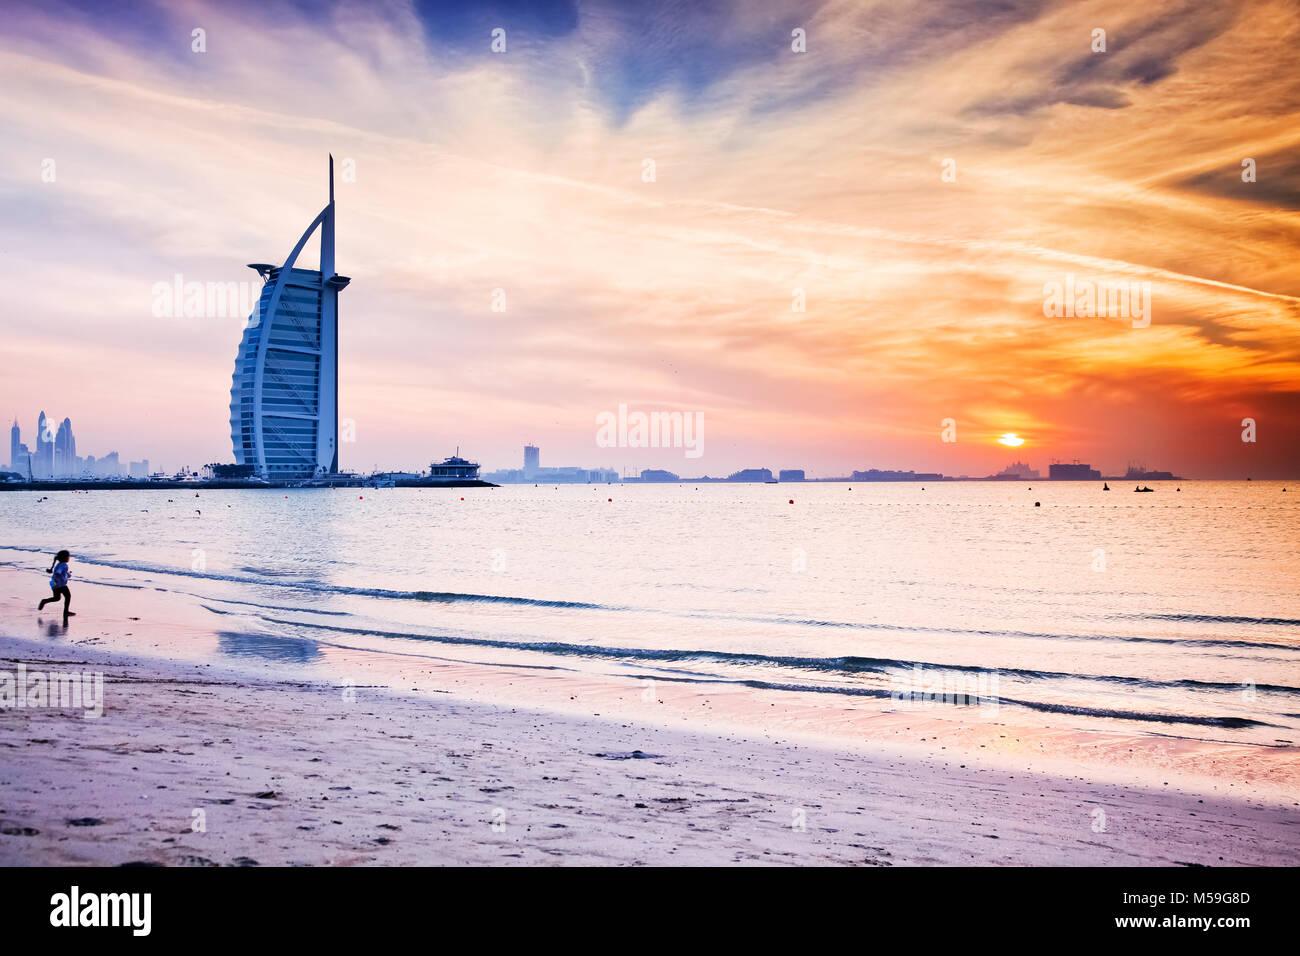 DUBAI, EMIRATOS ÁRABES UNIDOS - Febrero 2018 :El primer hotel de lujo de 7 estrellas Burj Al Arab al atardecer Imagen De Stock